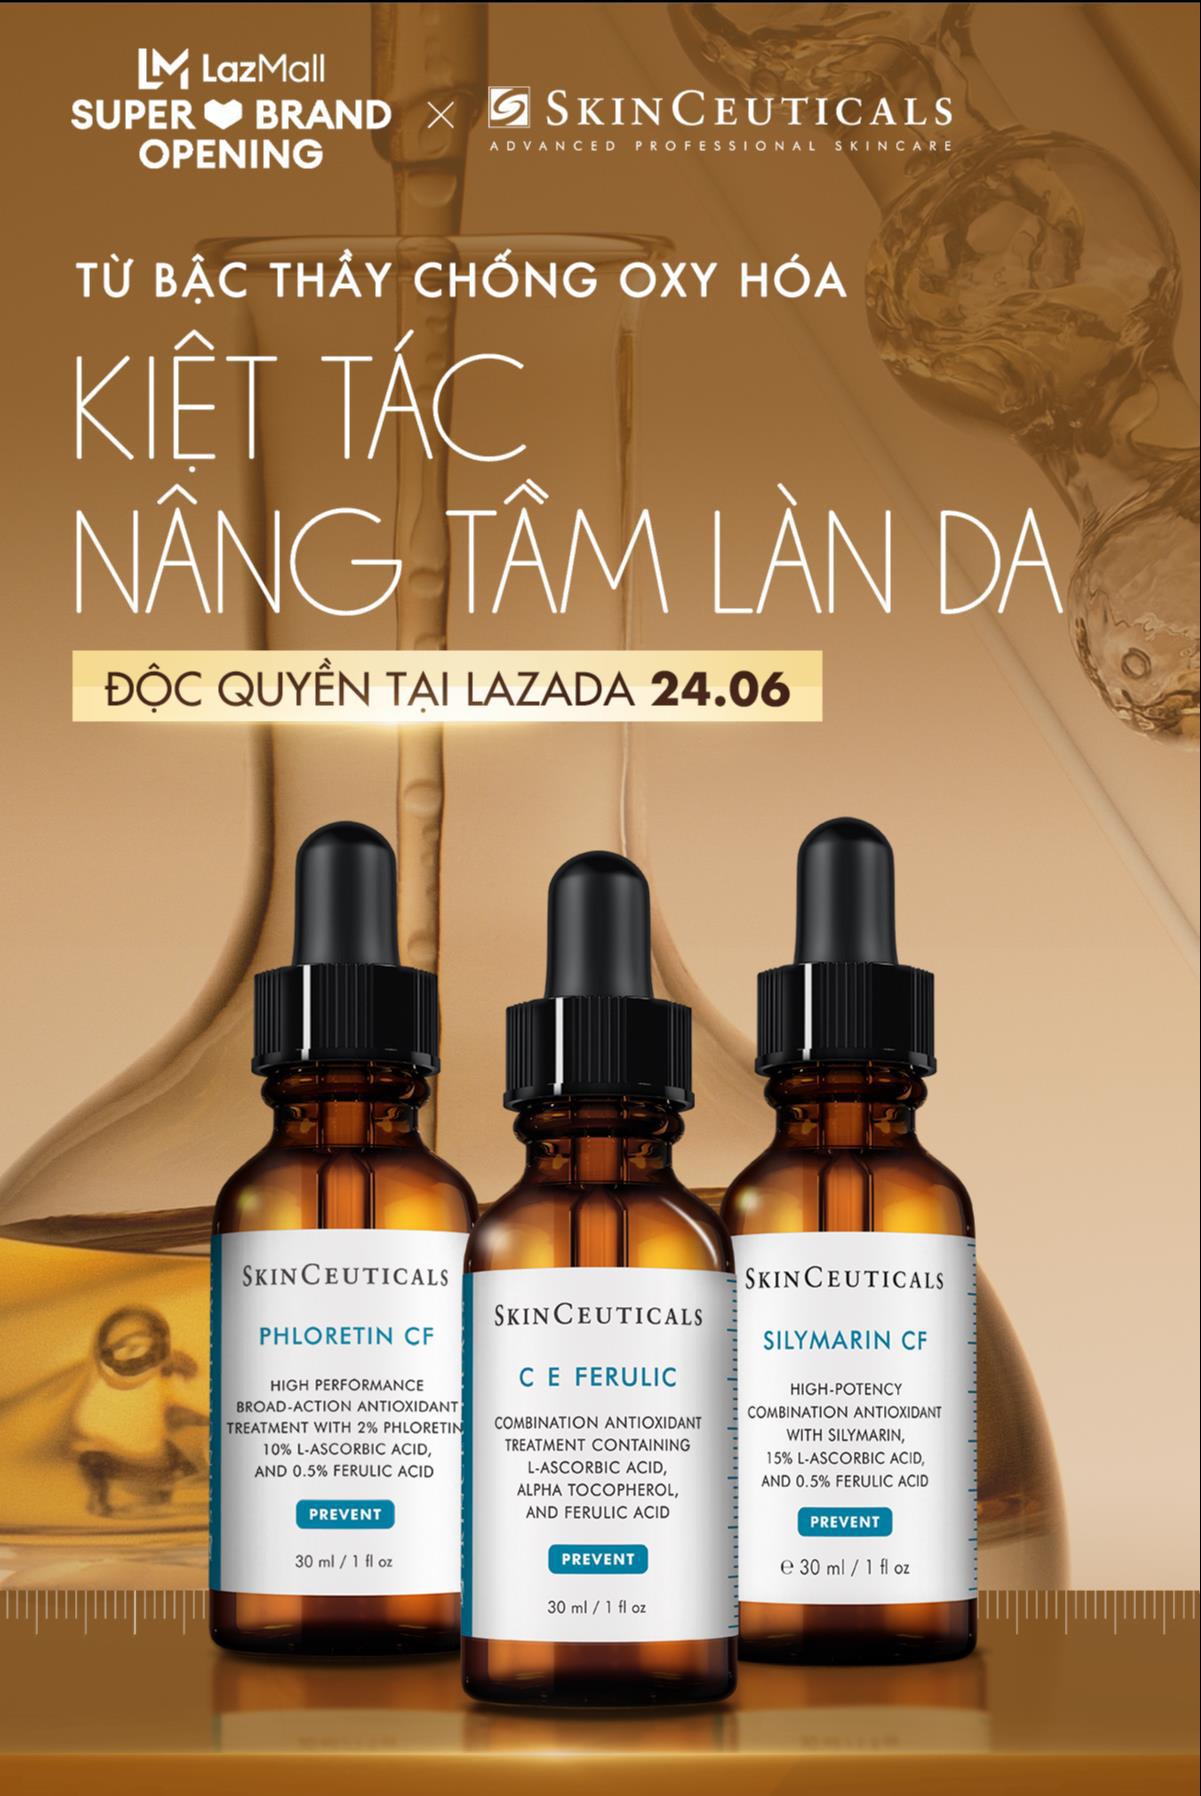 """Quên """"nỗi đau"""" chờ hàng xách tay đi! Siêu phẩm SkinCeuticals mà hội chị em skincare thông thái thương mến đã chính thức bán online tại Việt Nam rồi! - Ảnh 4."""